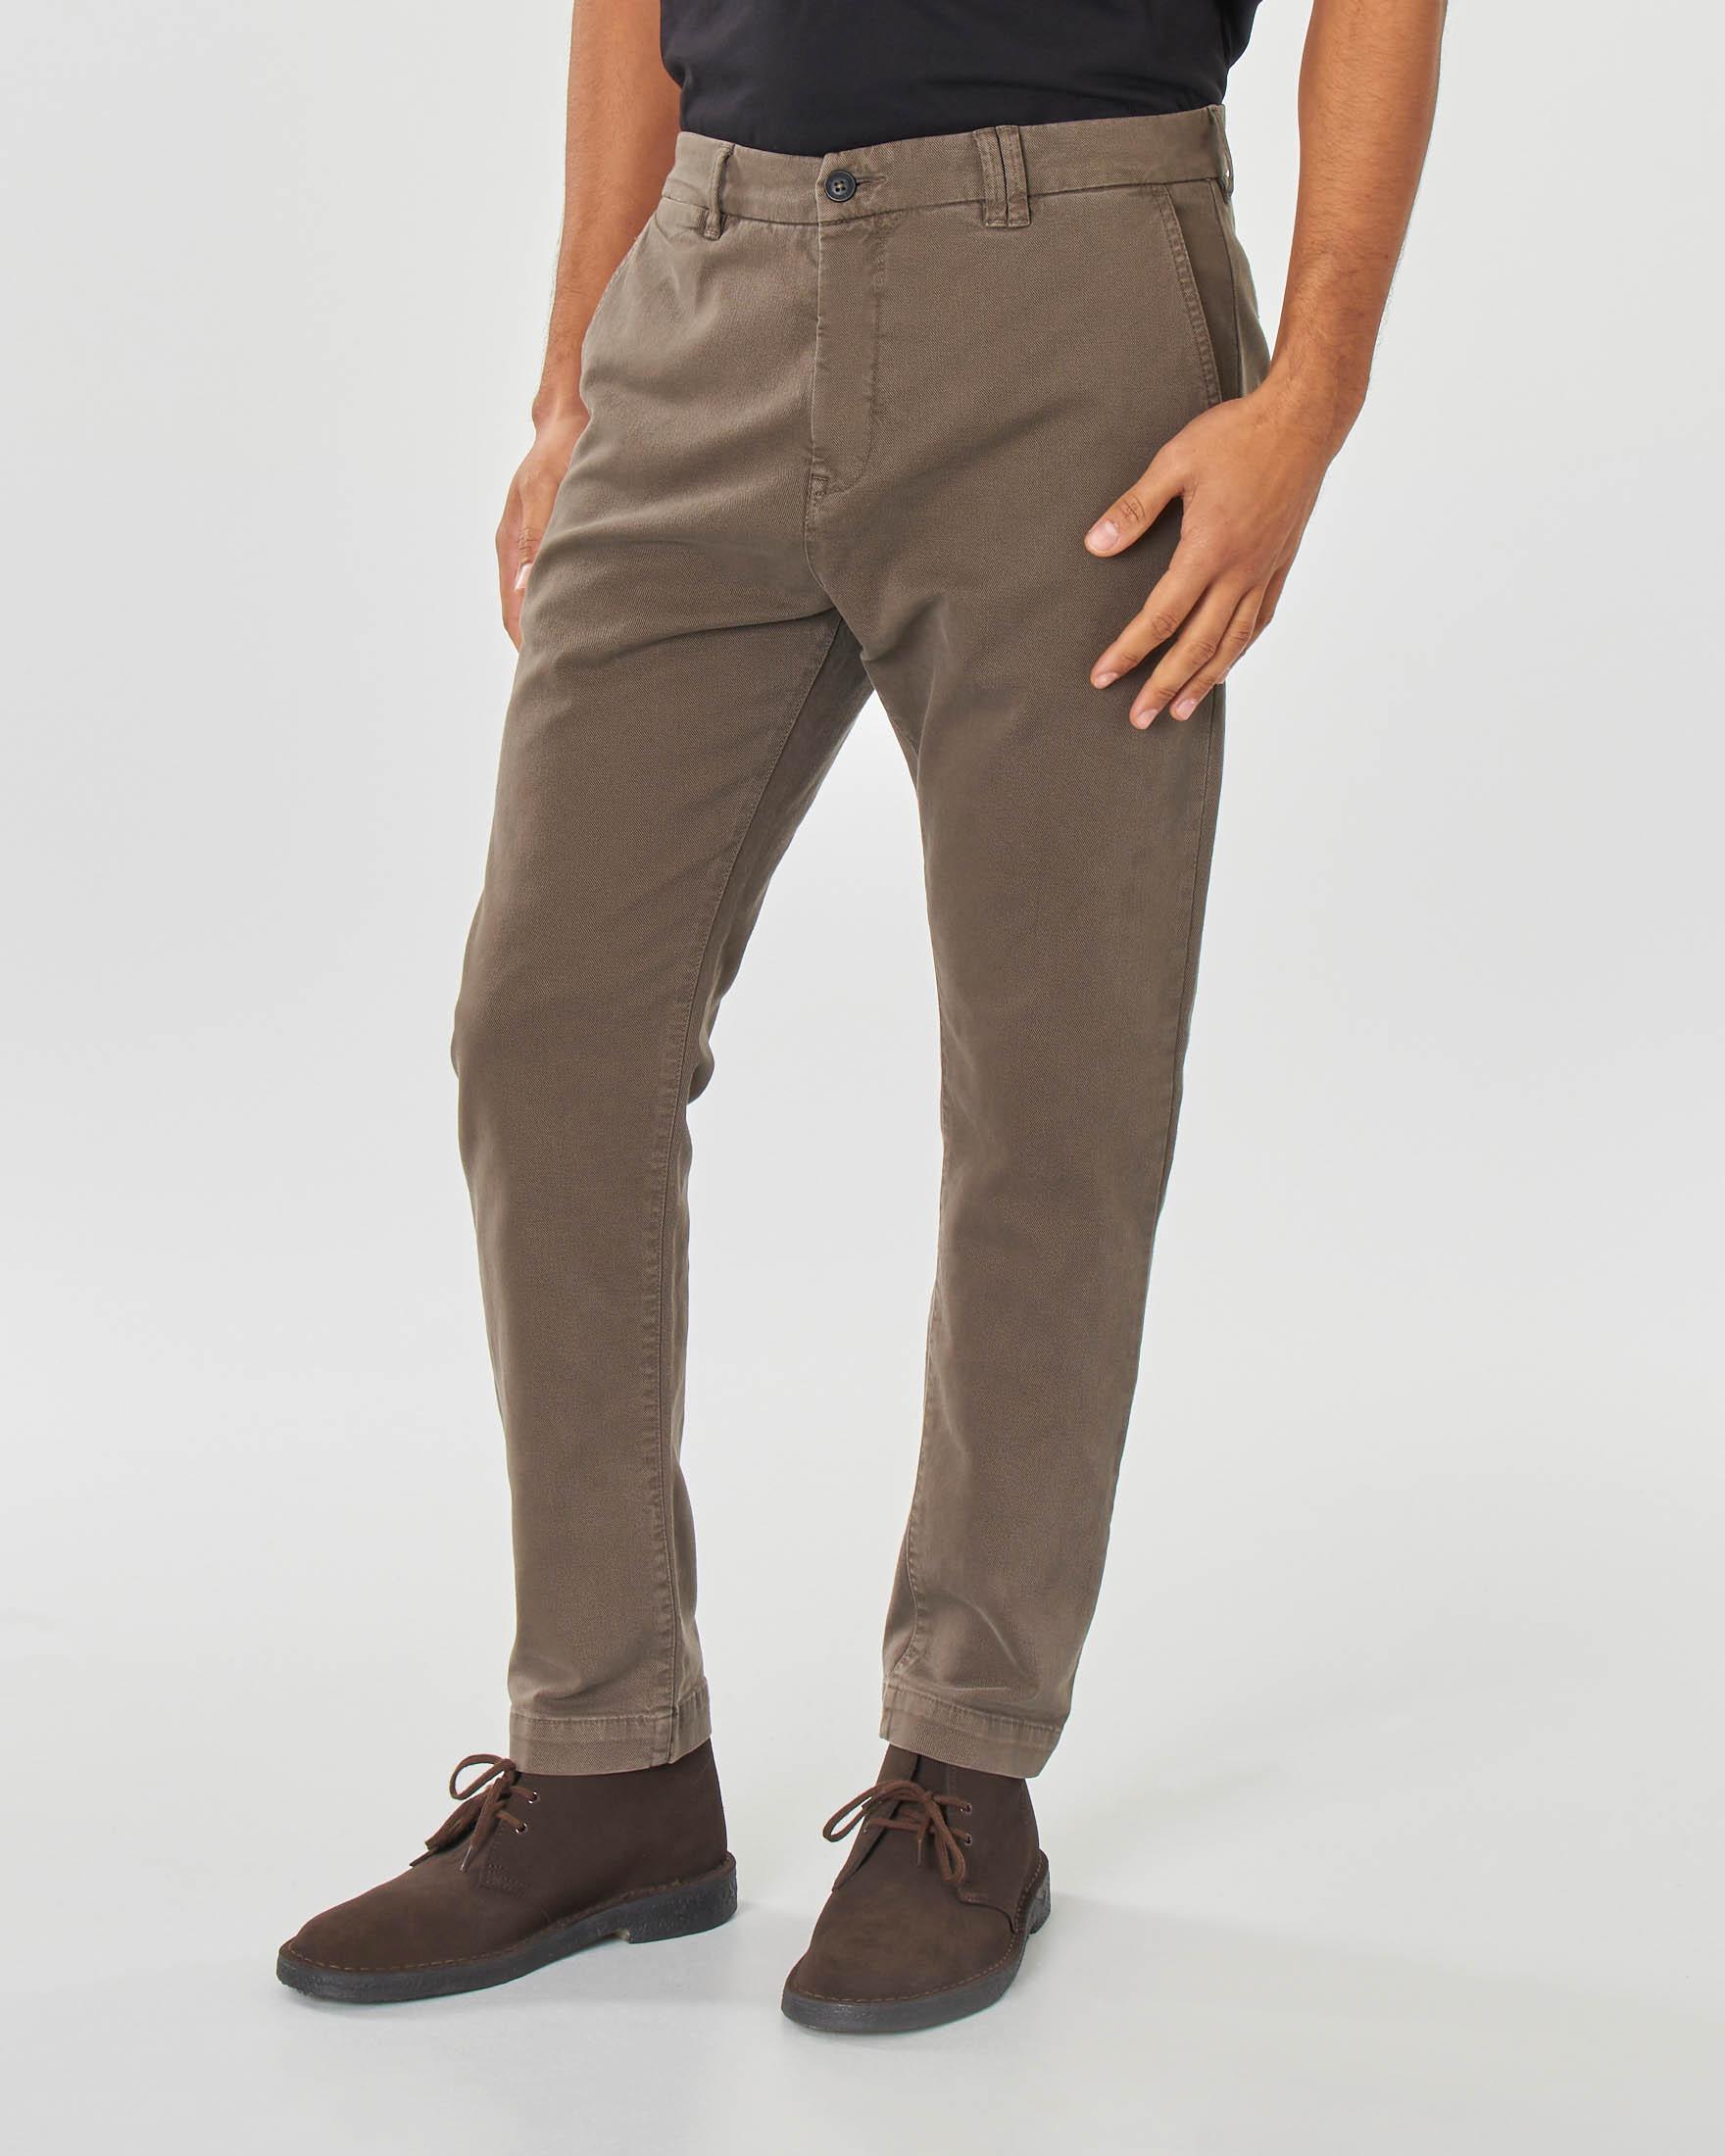 Pantalone chino marrone in tessuto diagonale di cotone stretch